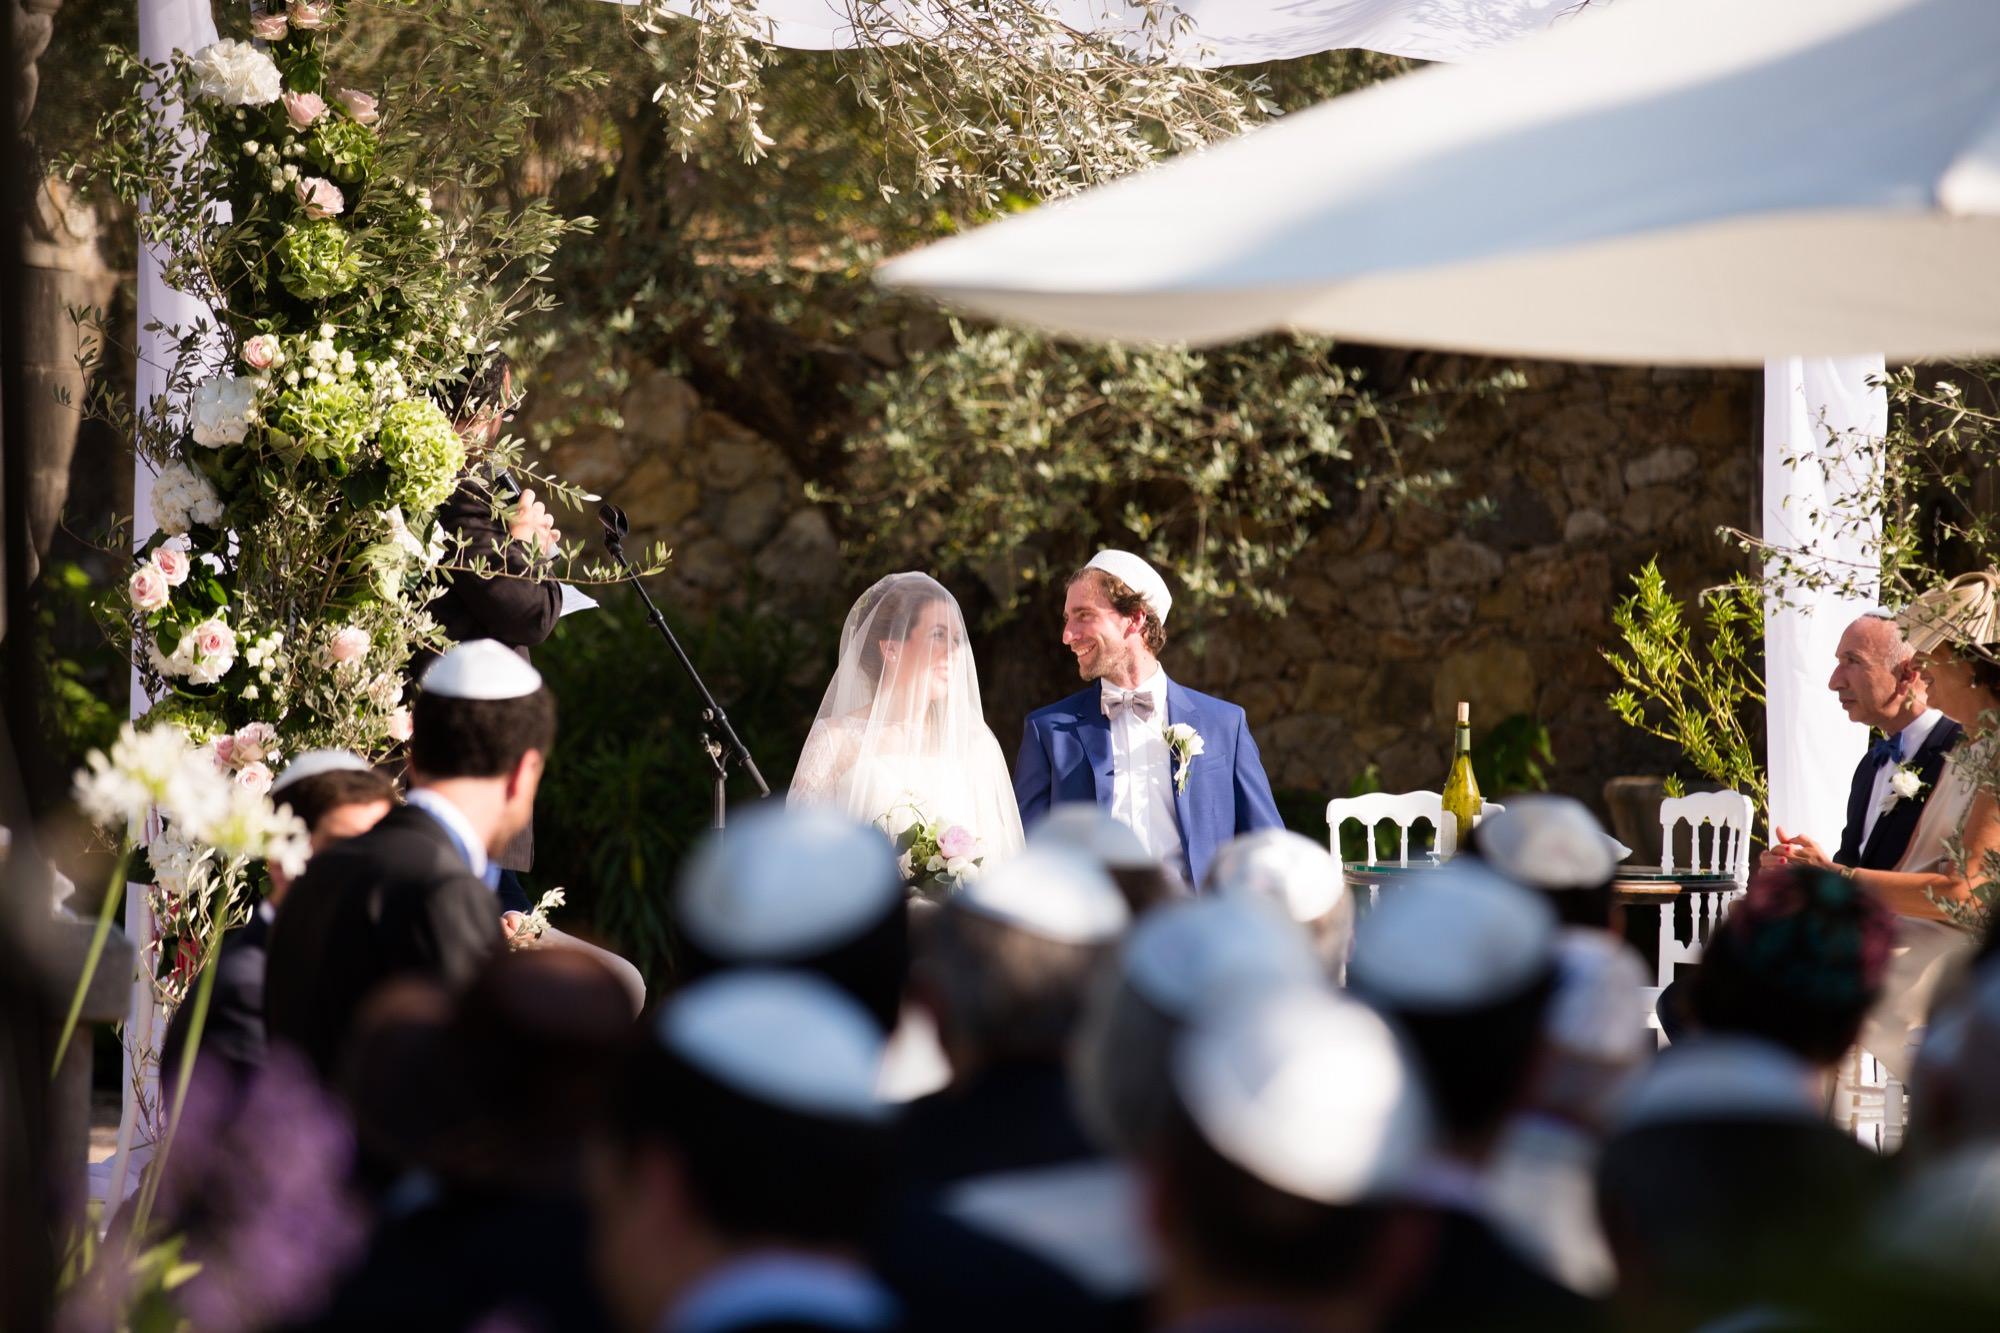 photographe mariage juif au château du font du broc en provence côte d'azur